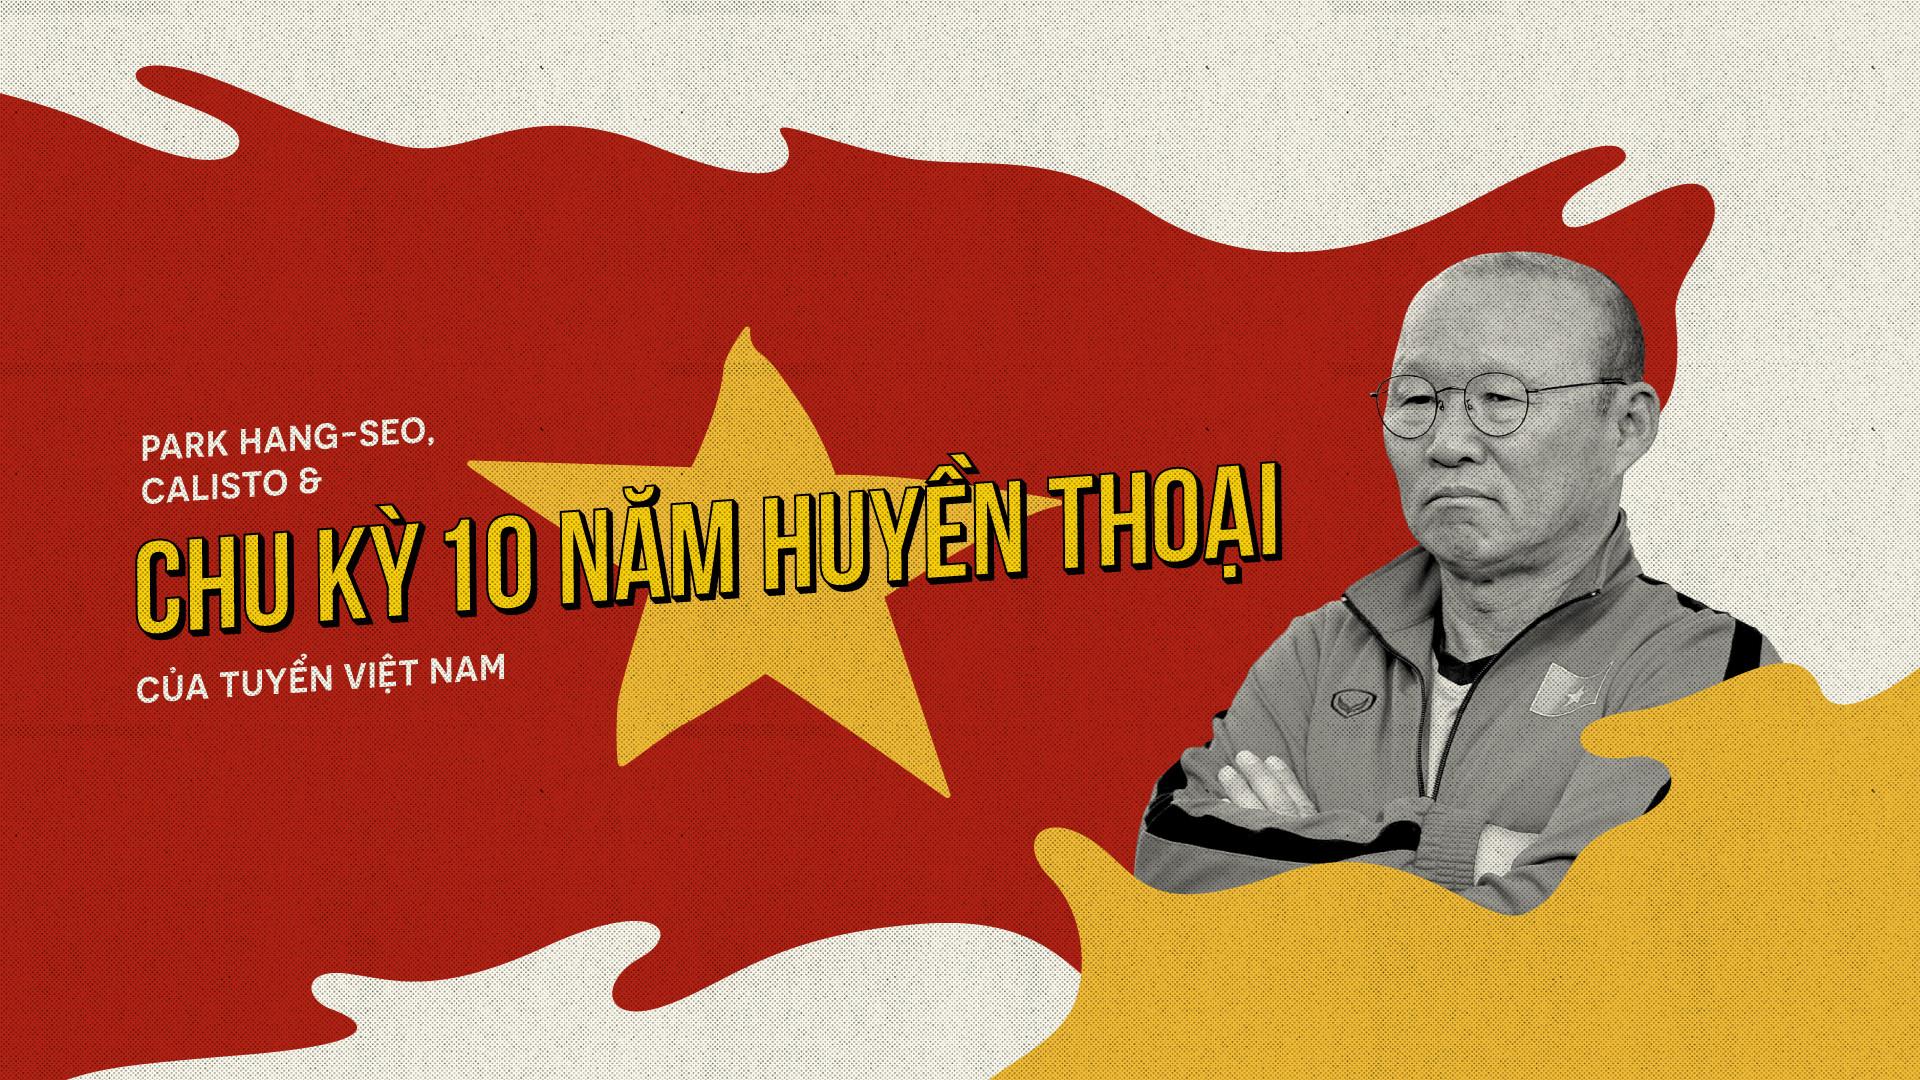 Nhìn lại chu kỳ 10 năm thành công của bóng đá Việt Nam, ngôi vương AFF Cup 2018 vẫy gọi HLV Park Hang Seo và các học trò